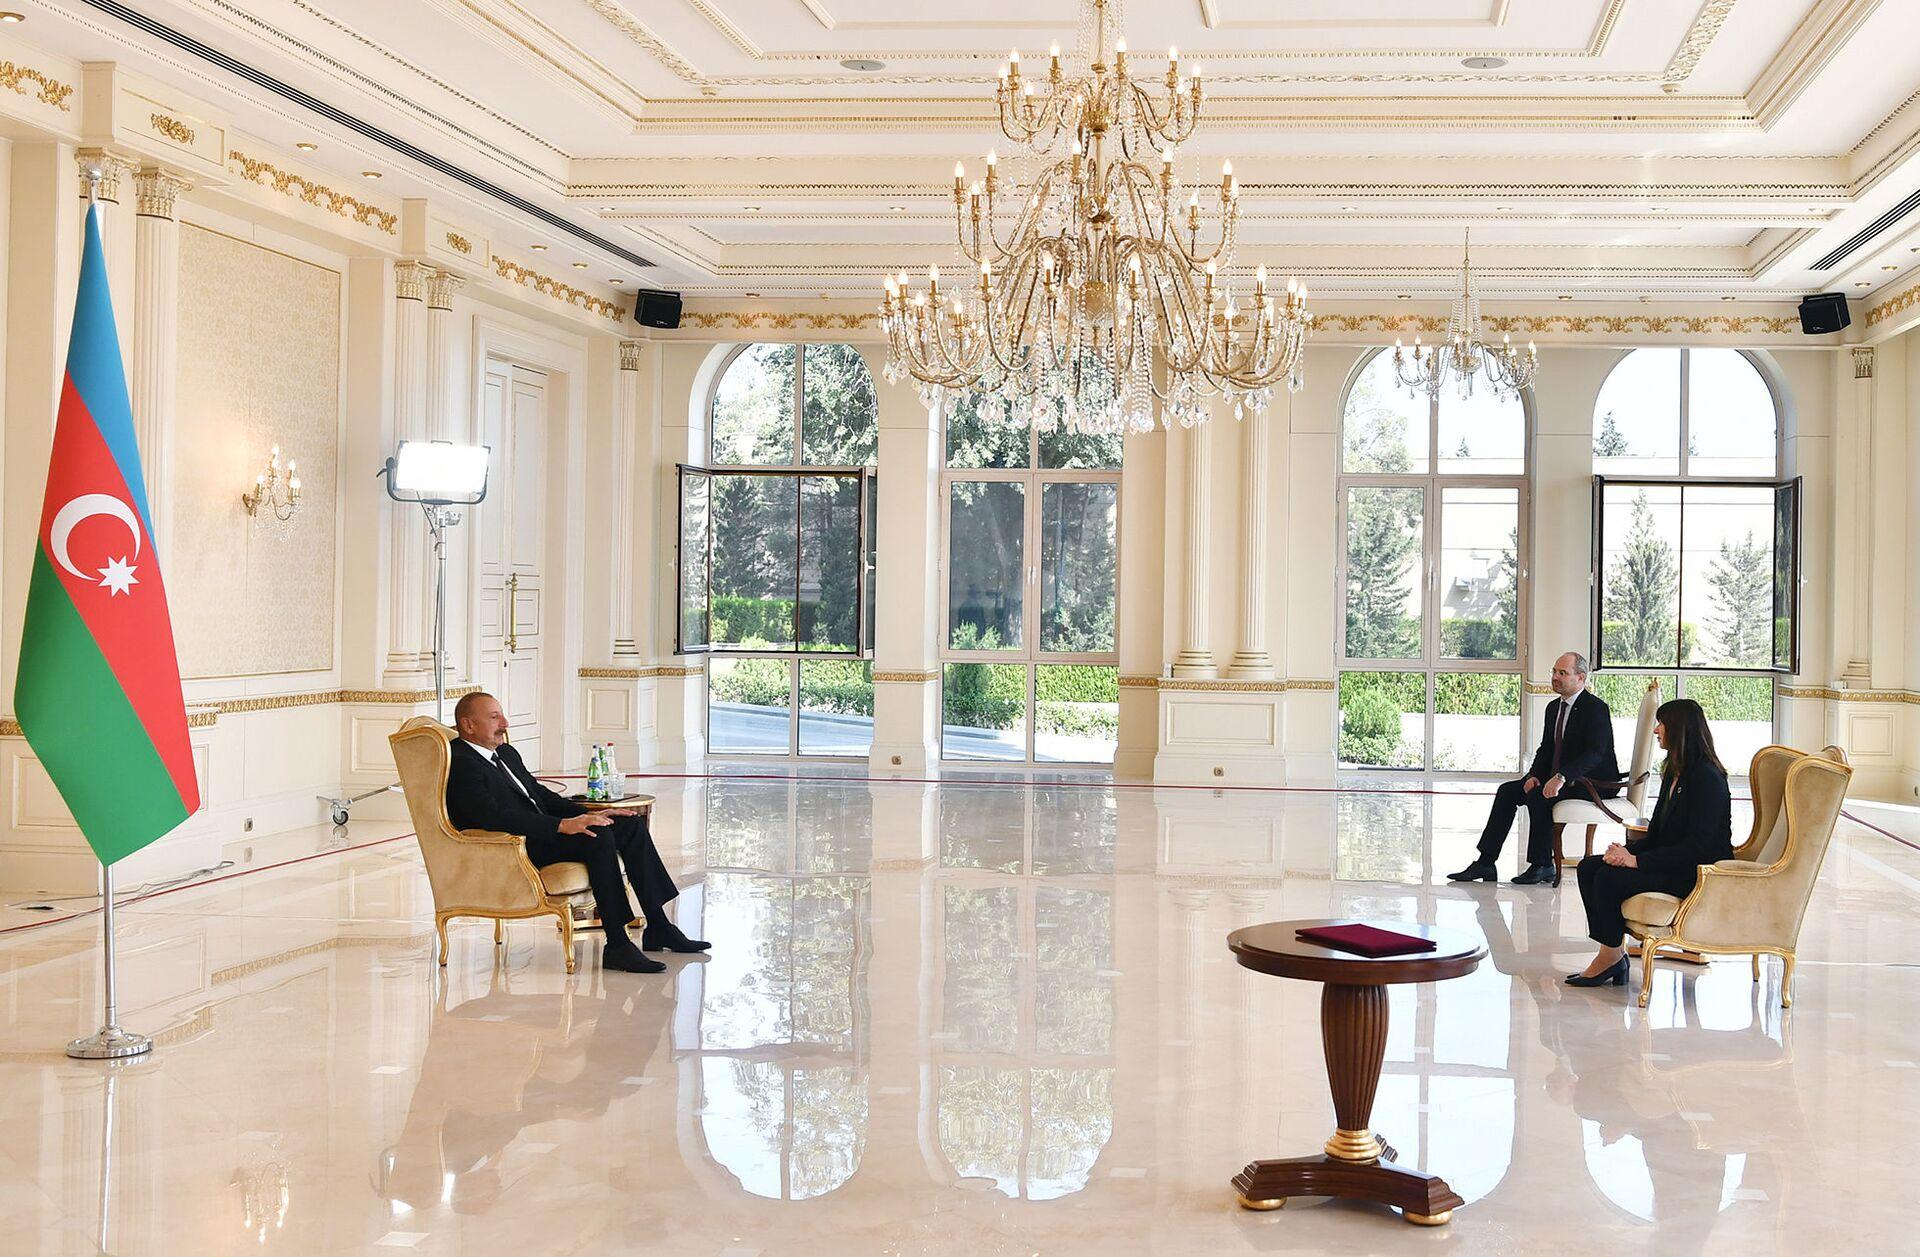 Президент Ильхам Алиев принял новоназначенного резидента-координатора ООН в Азербайджане - Sputnik Азербайджан, 1920, 01.10.2021